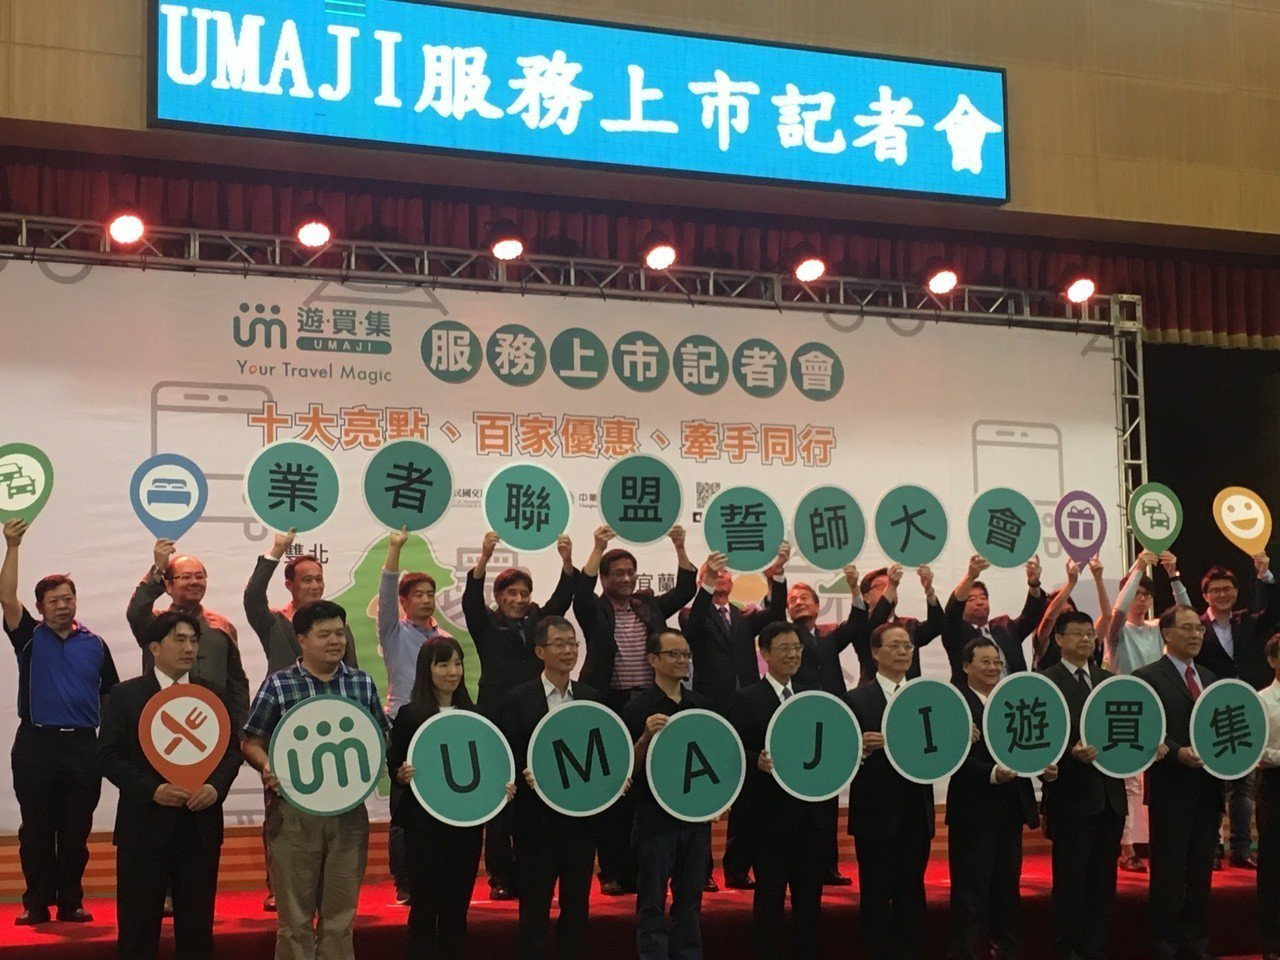 交通部與中華電信合作開發的旅行服務APP「UMAJI 遊.買.集」今天正式上路。...